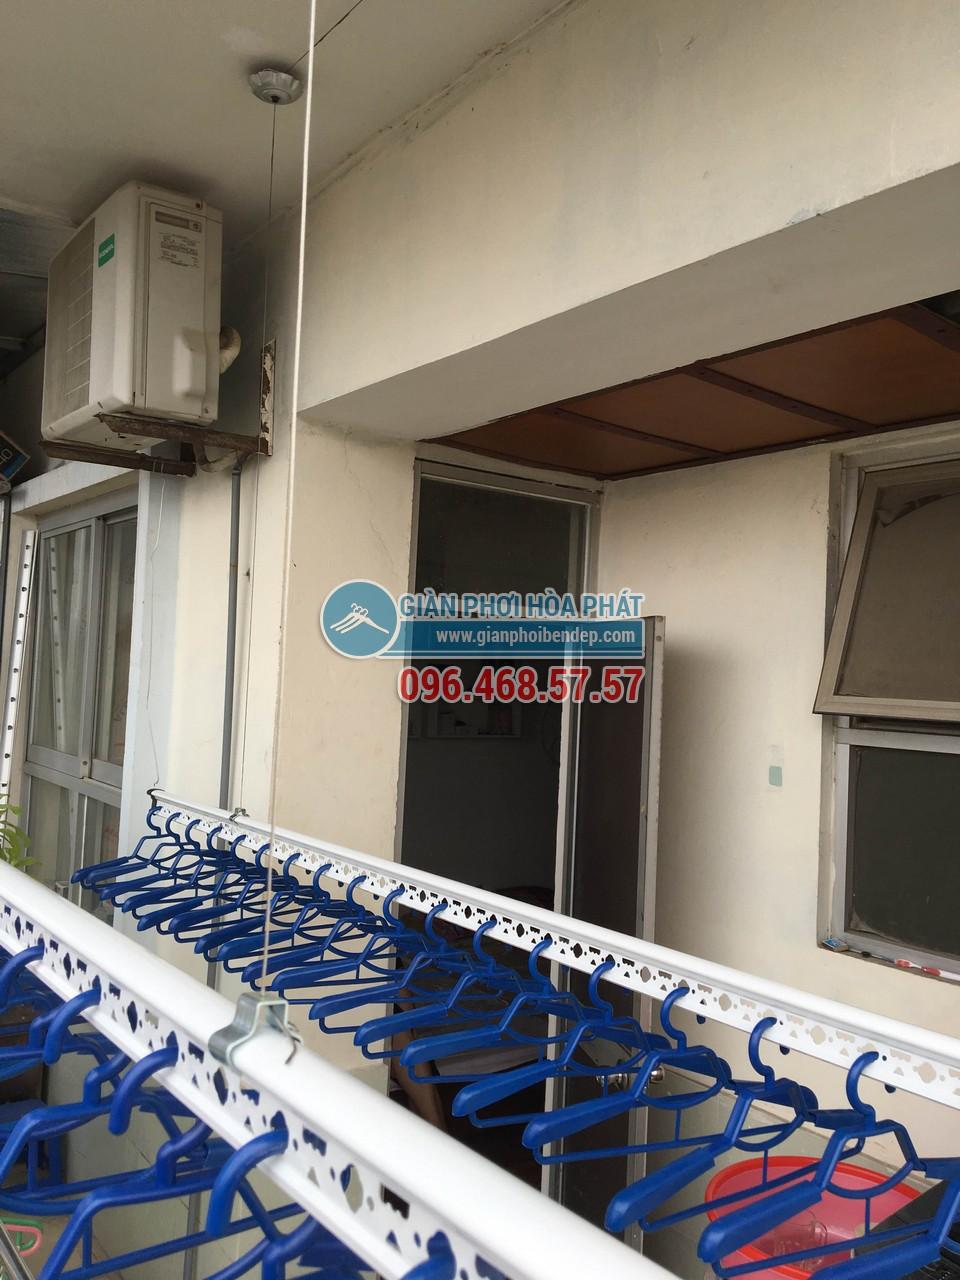 Lắp đặt giàn phơi thông minh Đà Nẵng trọn gói, giá rẻ. LH 0964685757 - 02